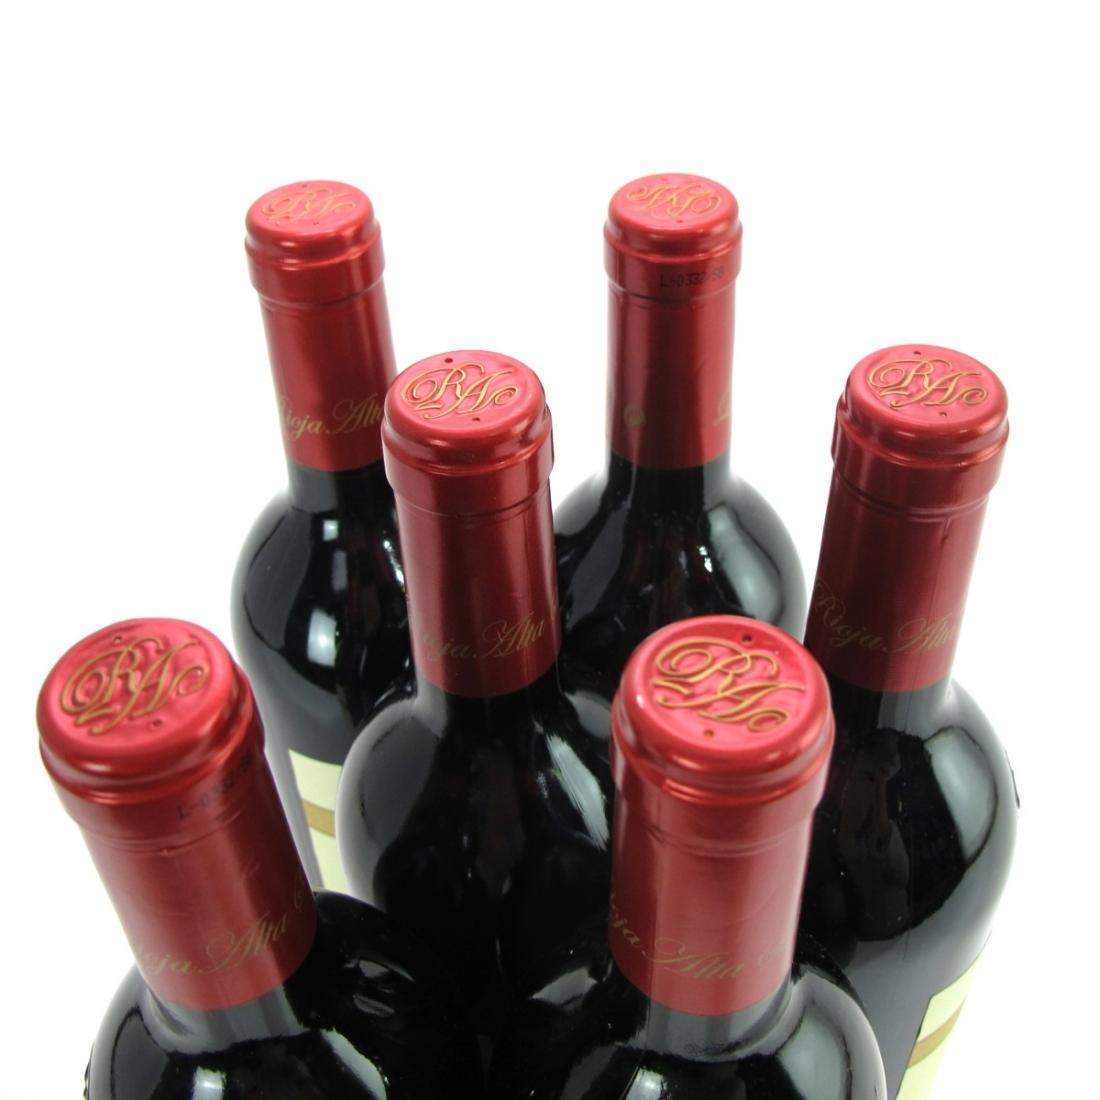 La Rioja Alta 2003 Rioja Reserva 6x75cl / The Wine Society